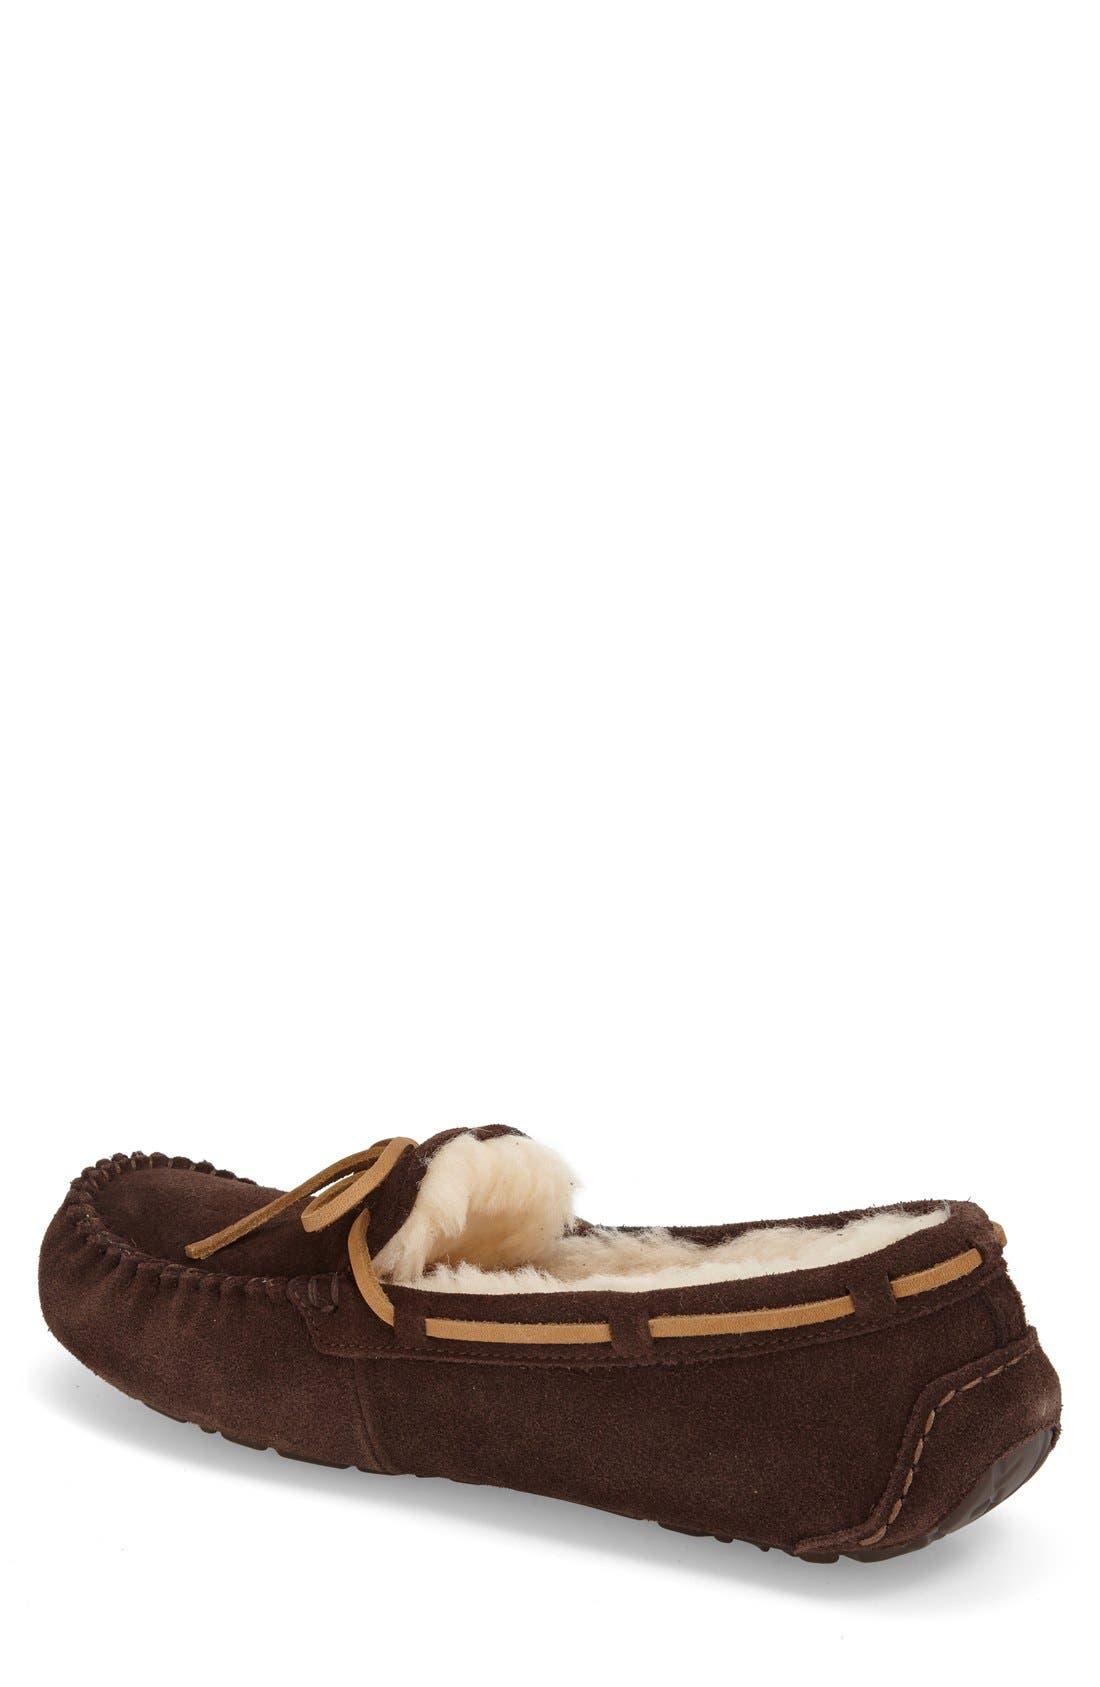 Alternate Image 2  - UGG® 'Olsen' Moccasin Slipper (Men)